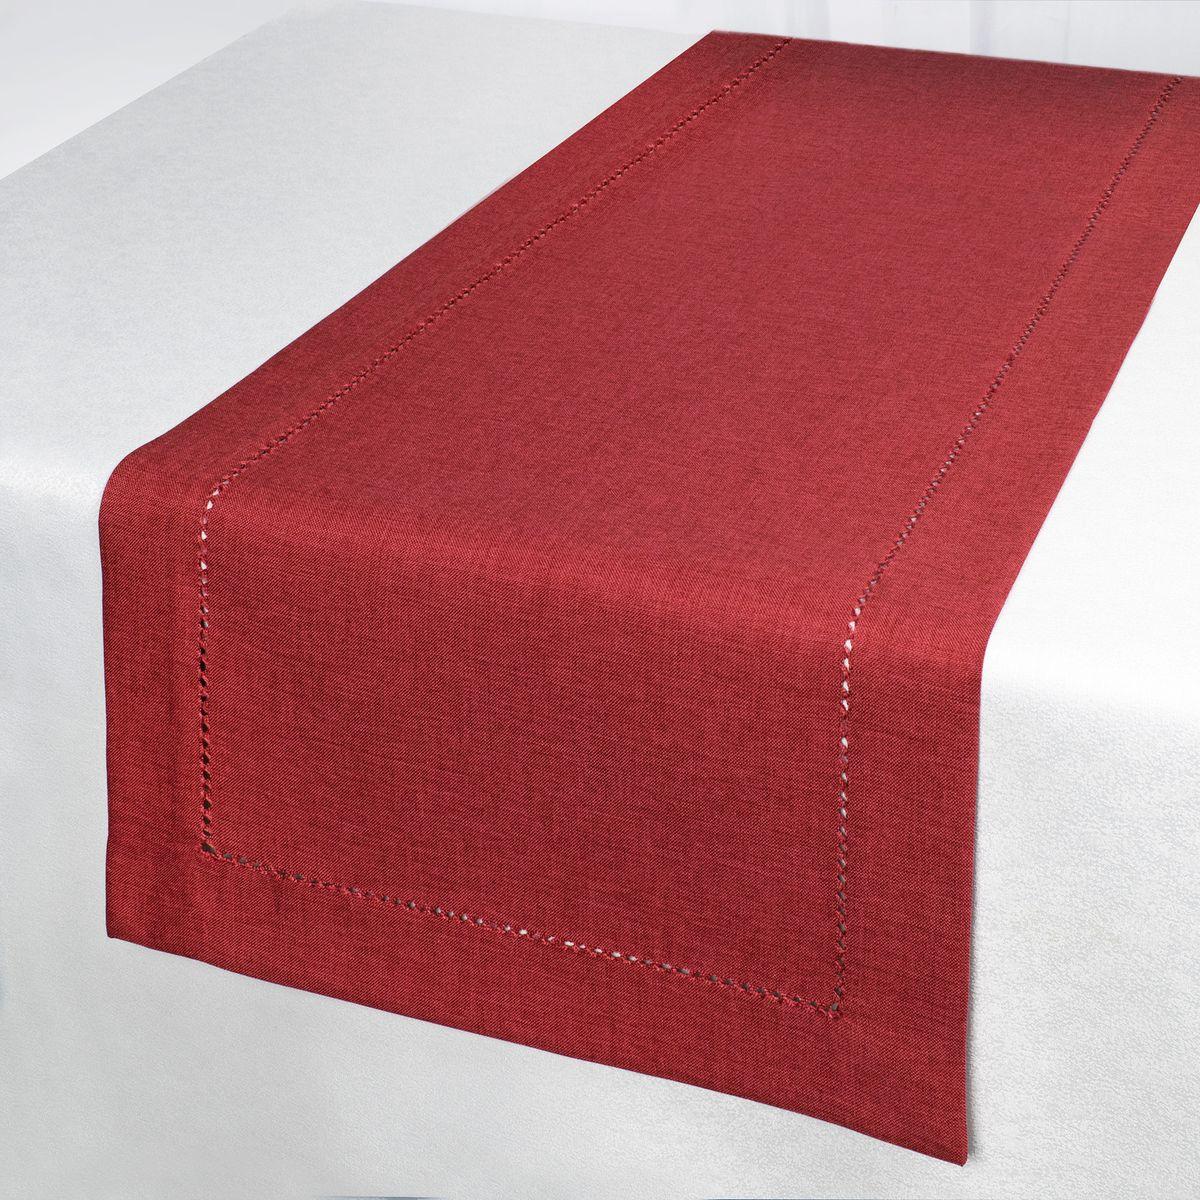 Дорожка для декорирования стола Schaefer, 40x140 см. 07601-21107601-211